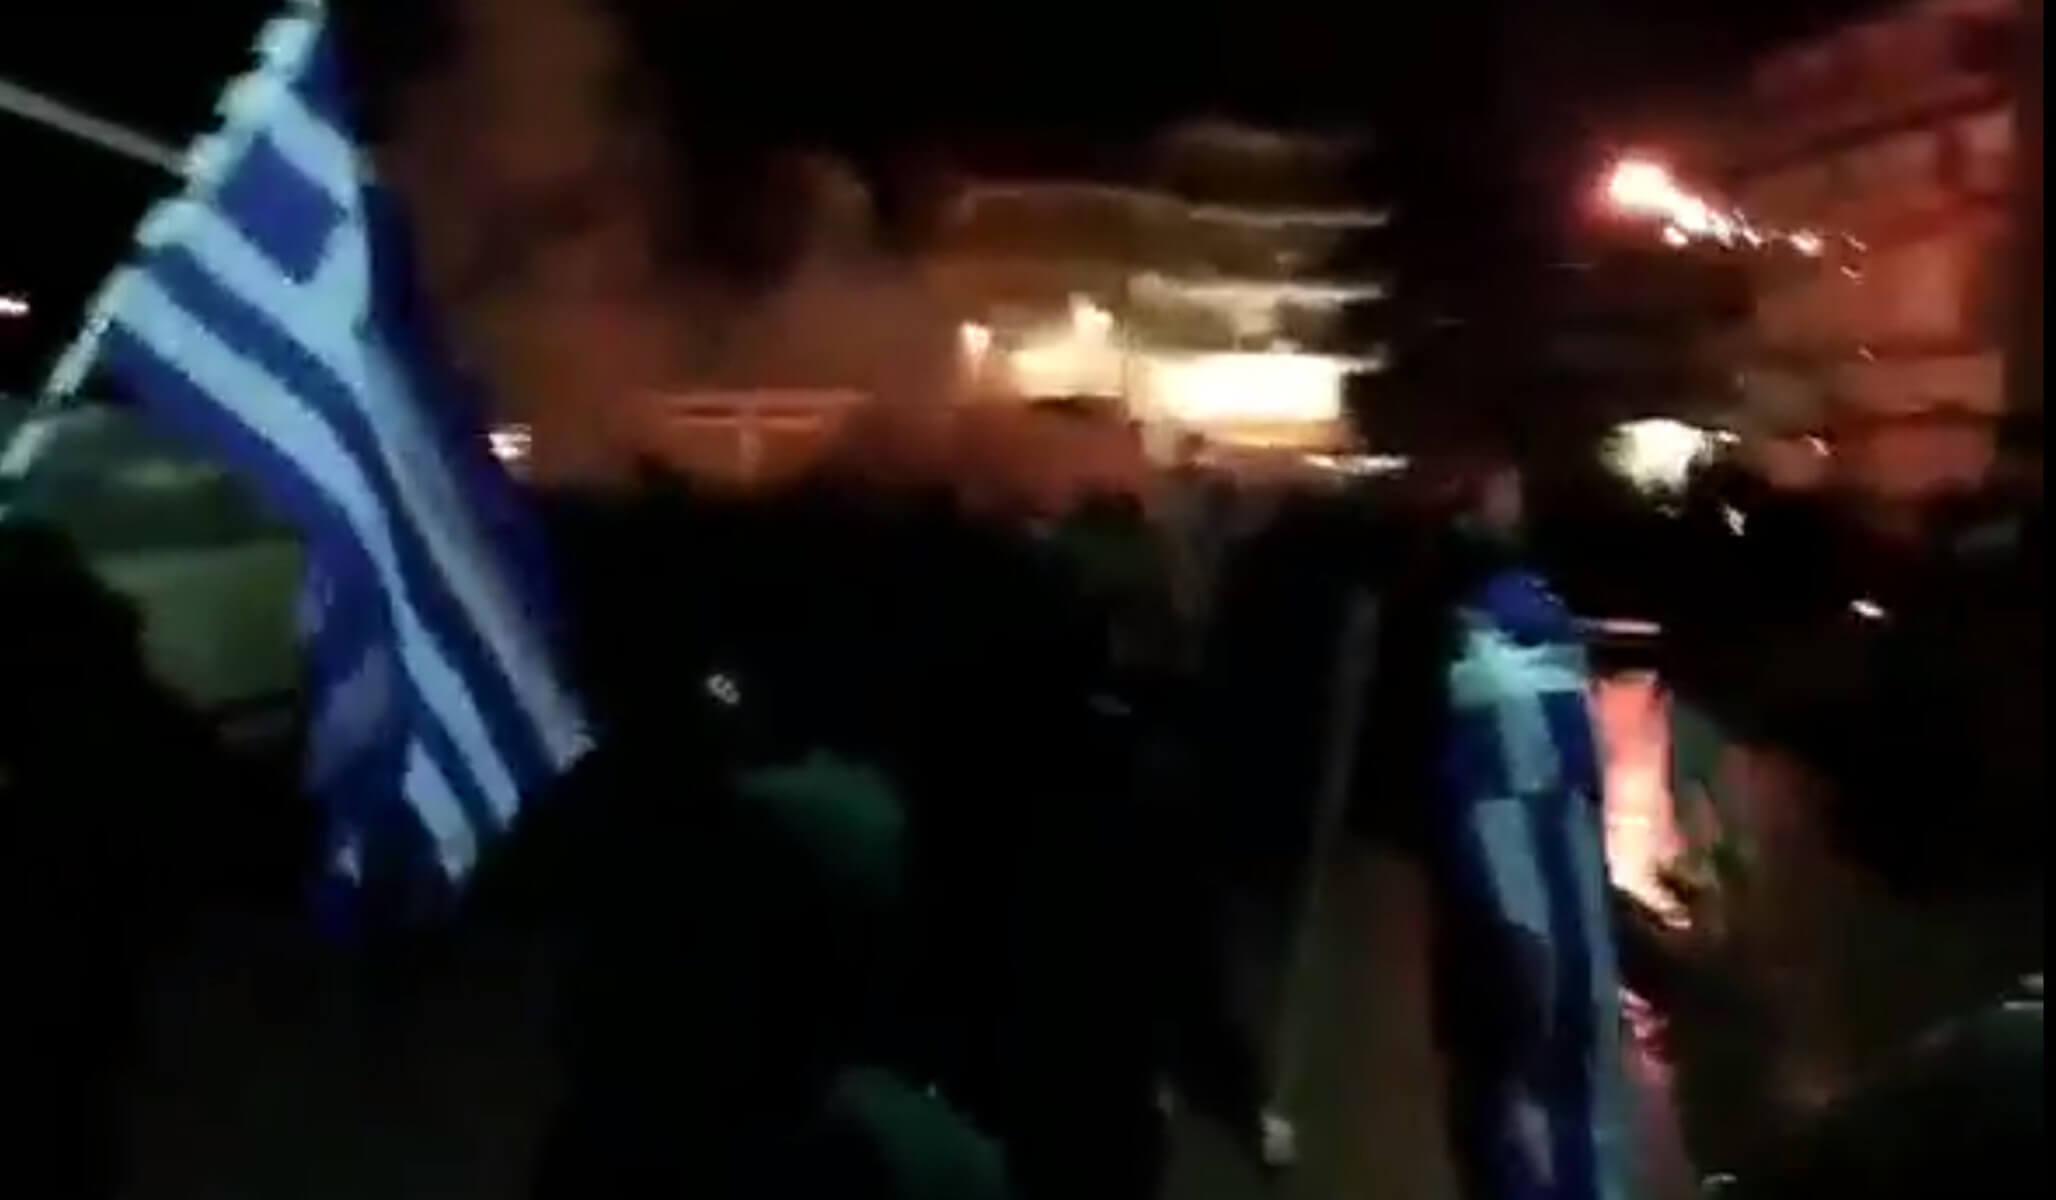 Μολότοφ και δακρυγόνα έξω από το σπίτι βουλευτού του ΣΥΡΙΖΑ – video